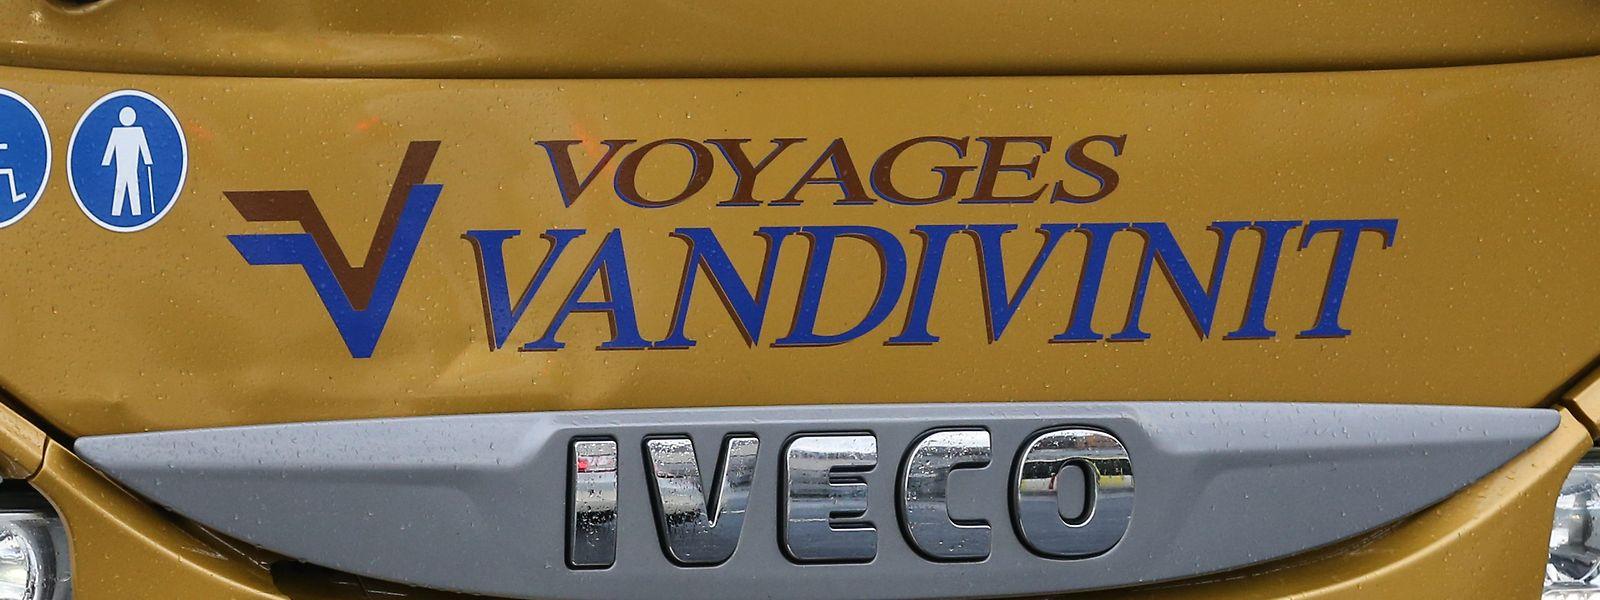 Jusqu'à présent, bus et chauffeurs Vandivinit n'avaient pas de point de rassemblement côté français.